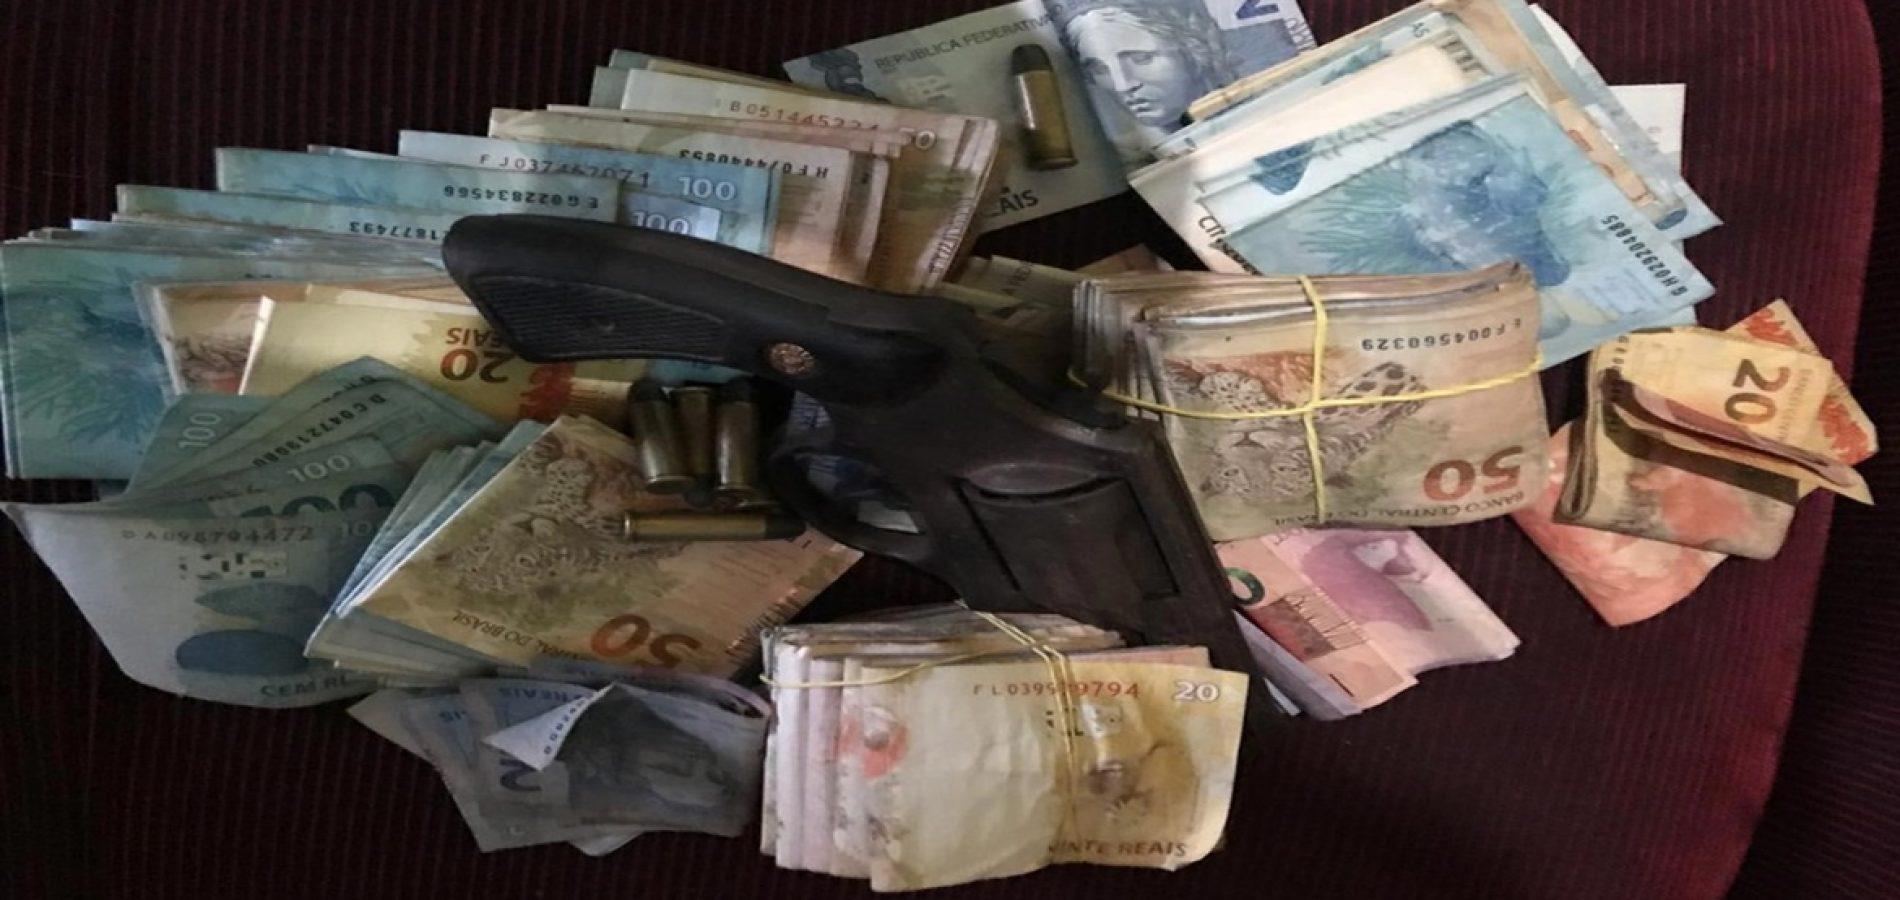 Polícia encontra dinheiro escondido dentro de fogão e prende cinco por tráfico de drogas